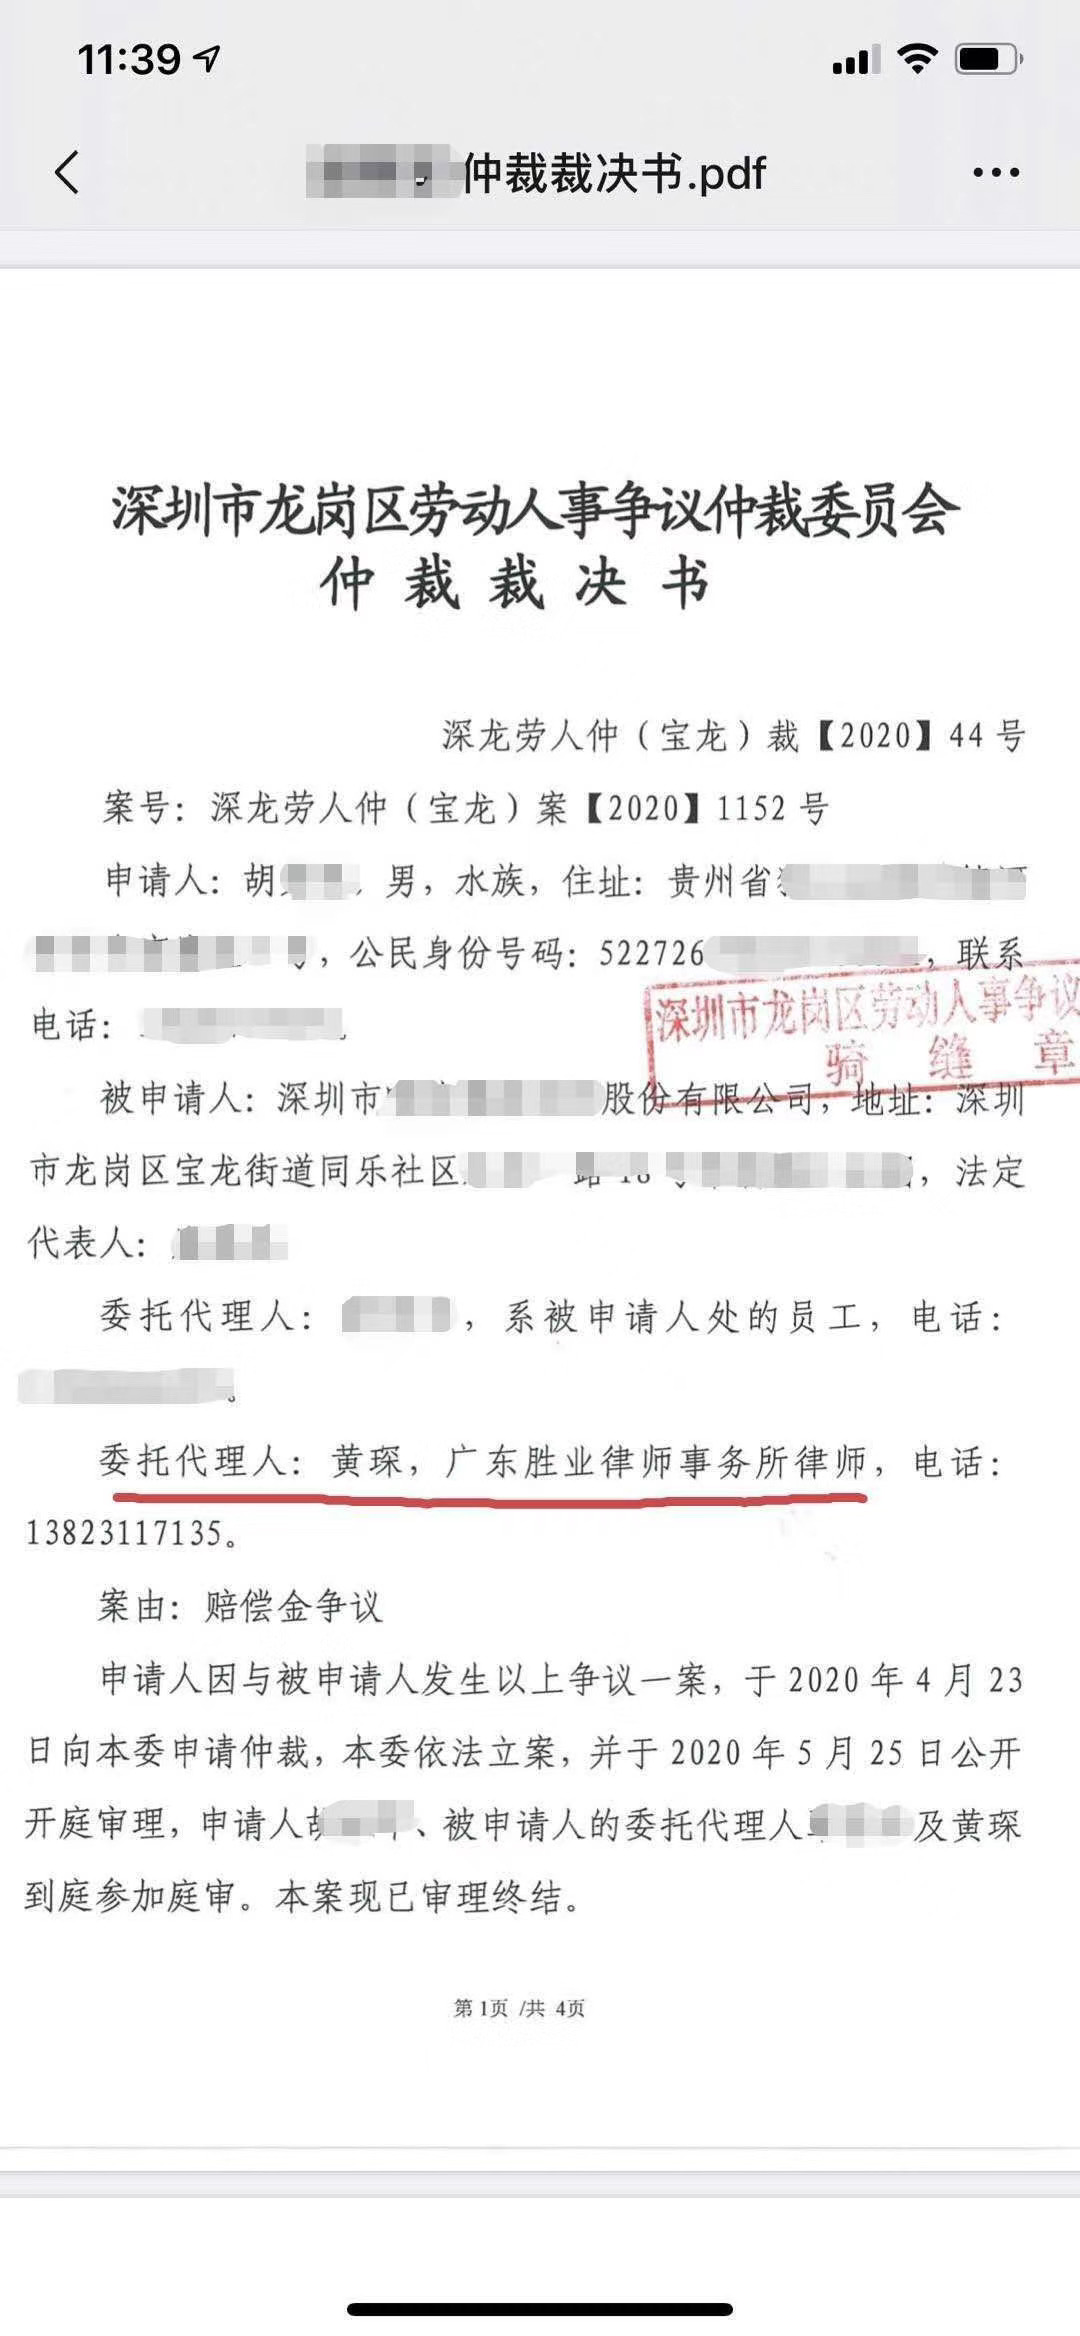 2020-12 胡某仲裁裁定書 1.jpg